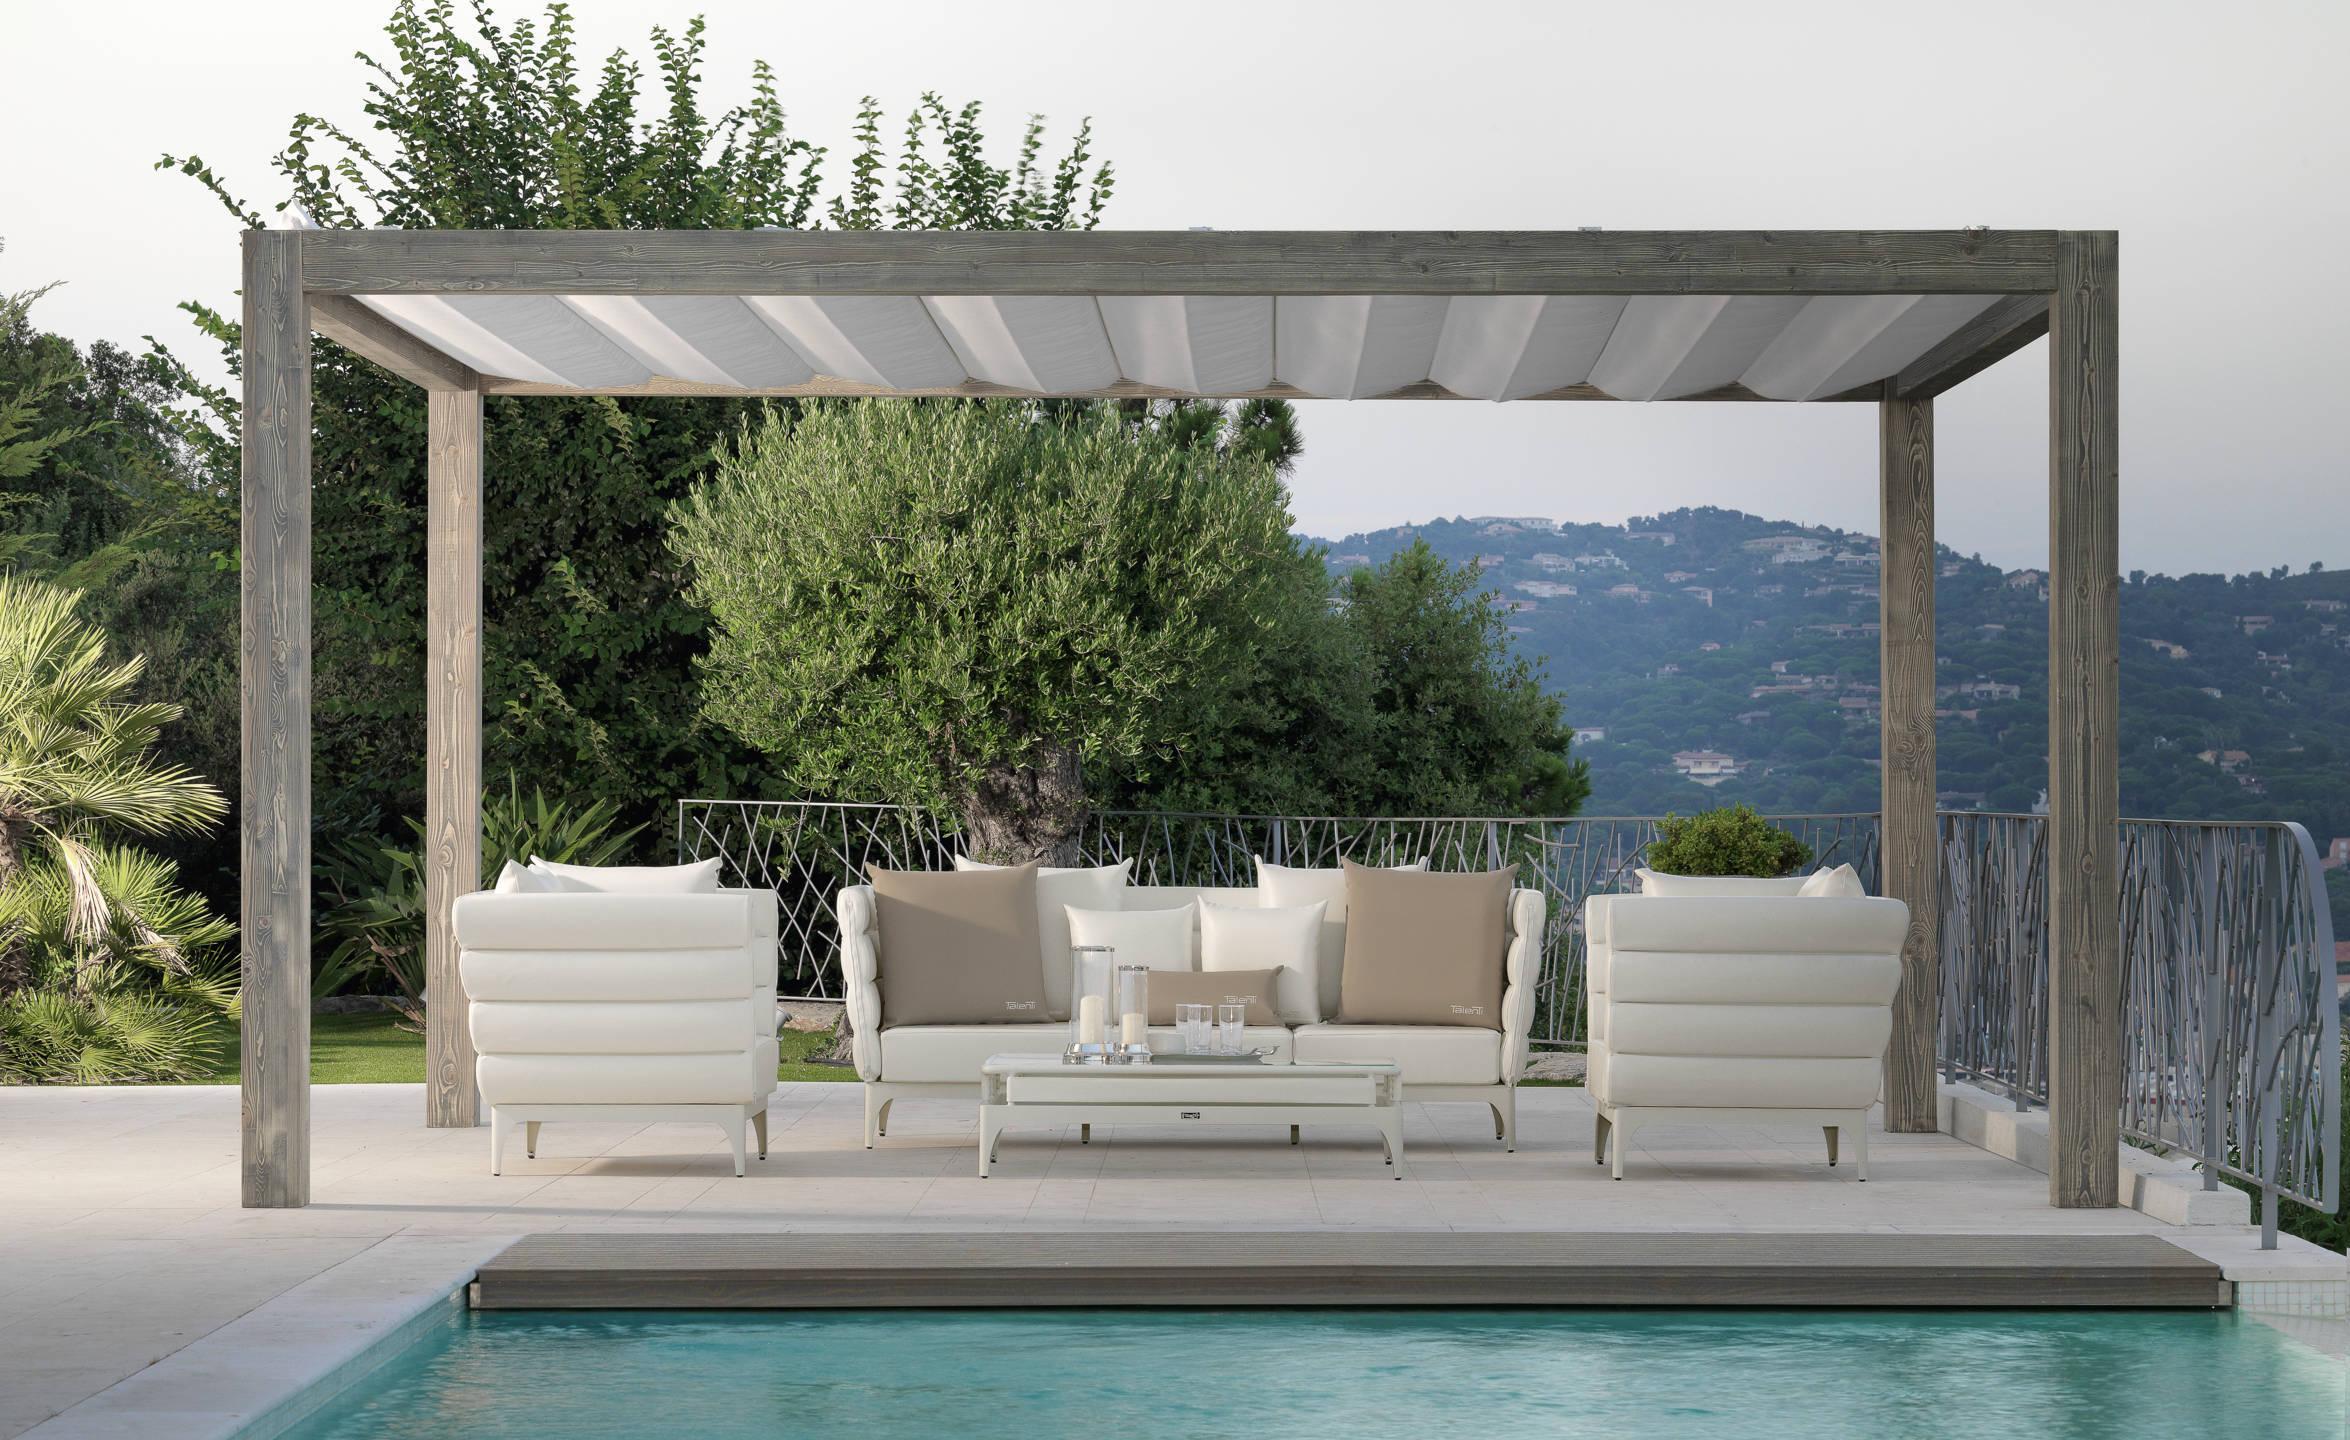 Vivereverde poltrona living padcollection poltrone da for Arredo giardino milano